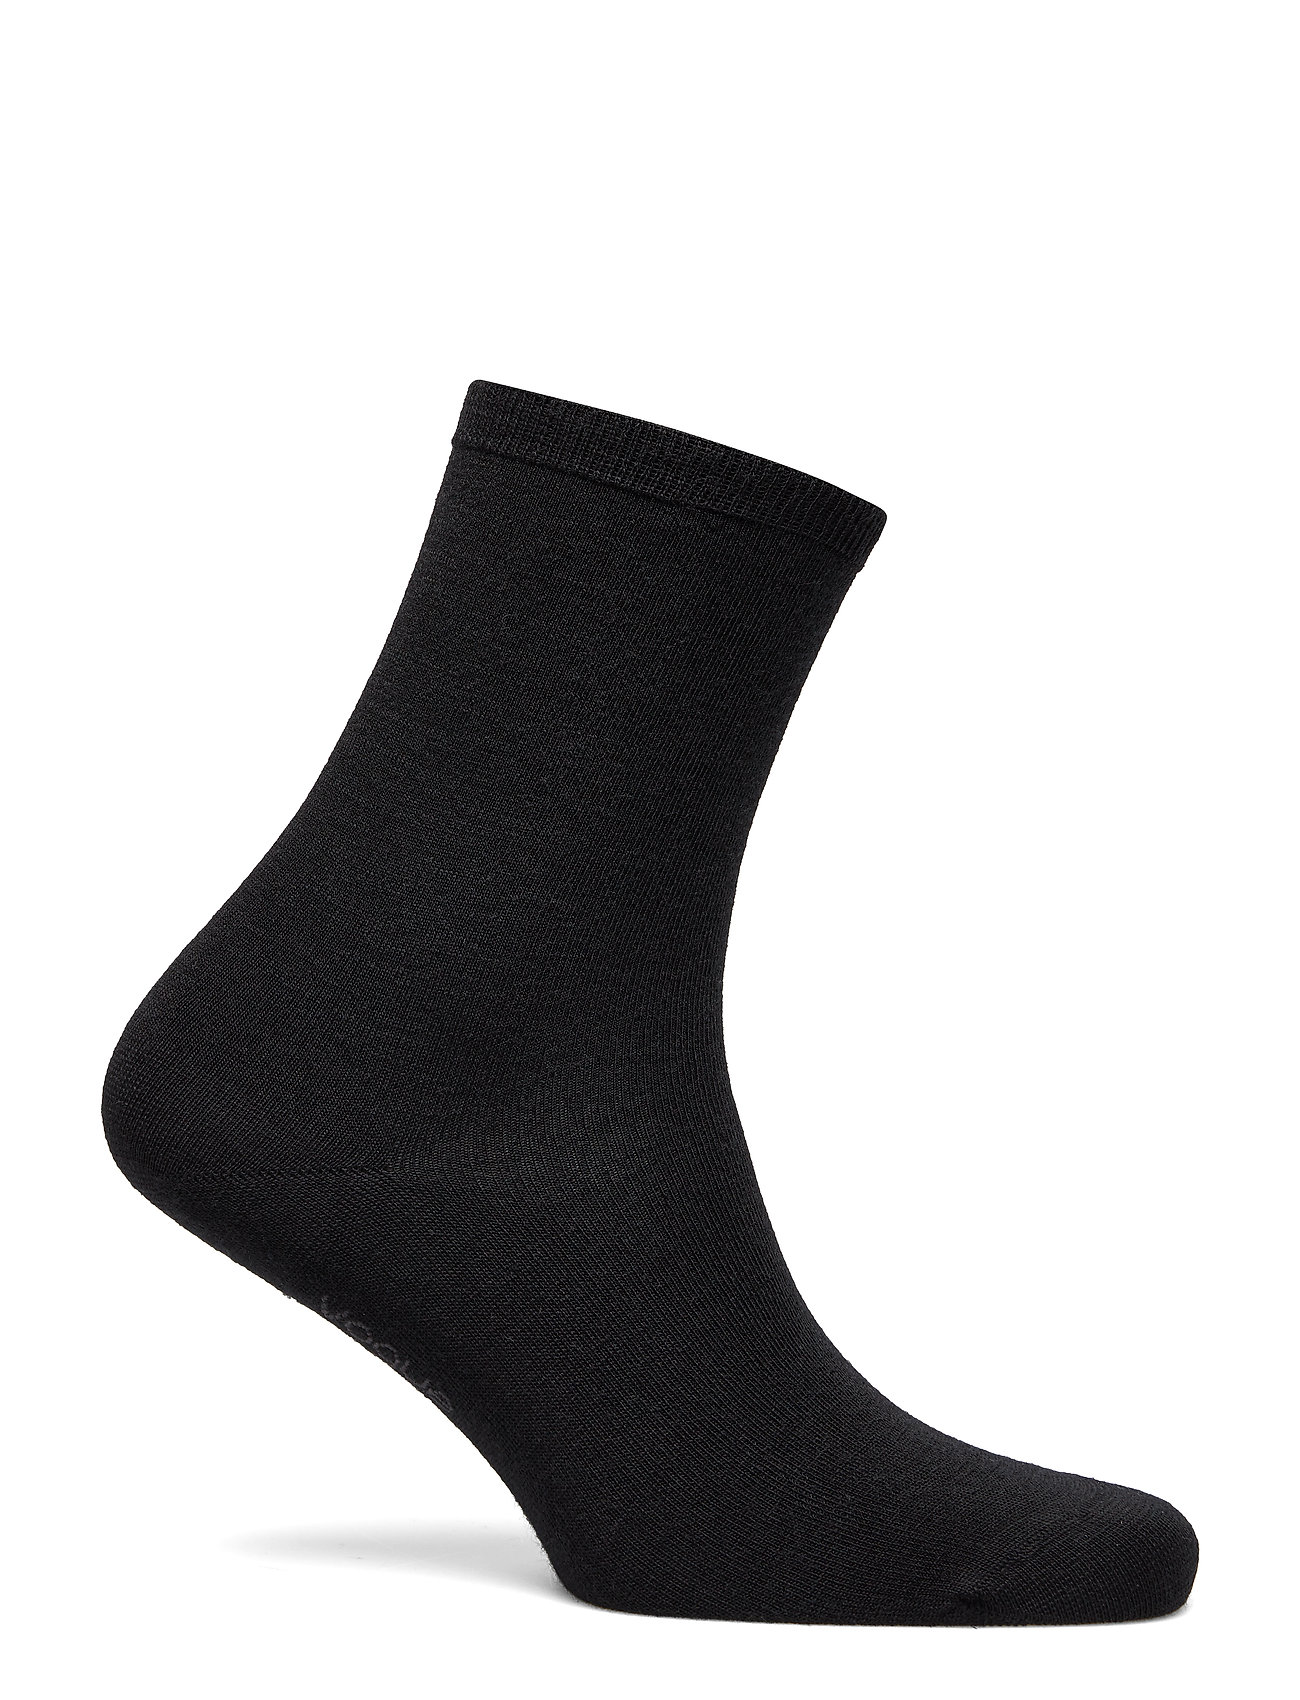 Vogue - Ladies anklesock, Plain Merino Wool Socks - sokken - black - 0